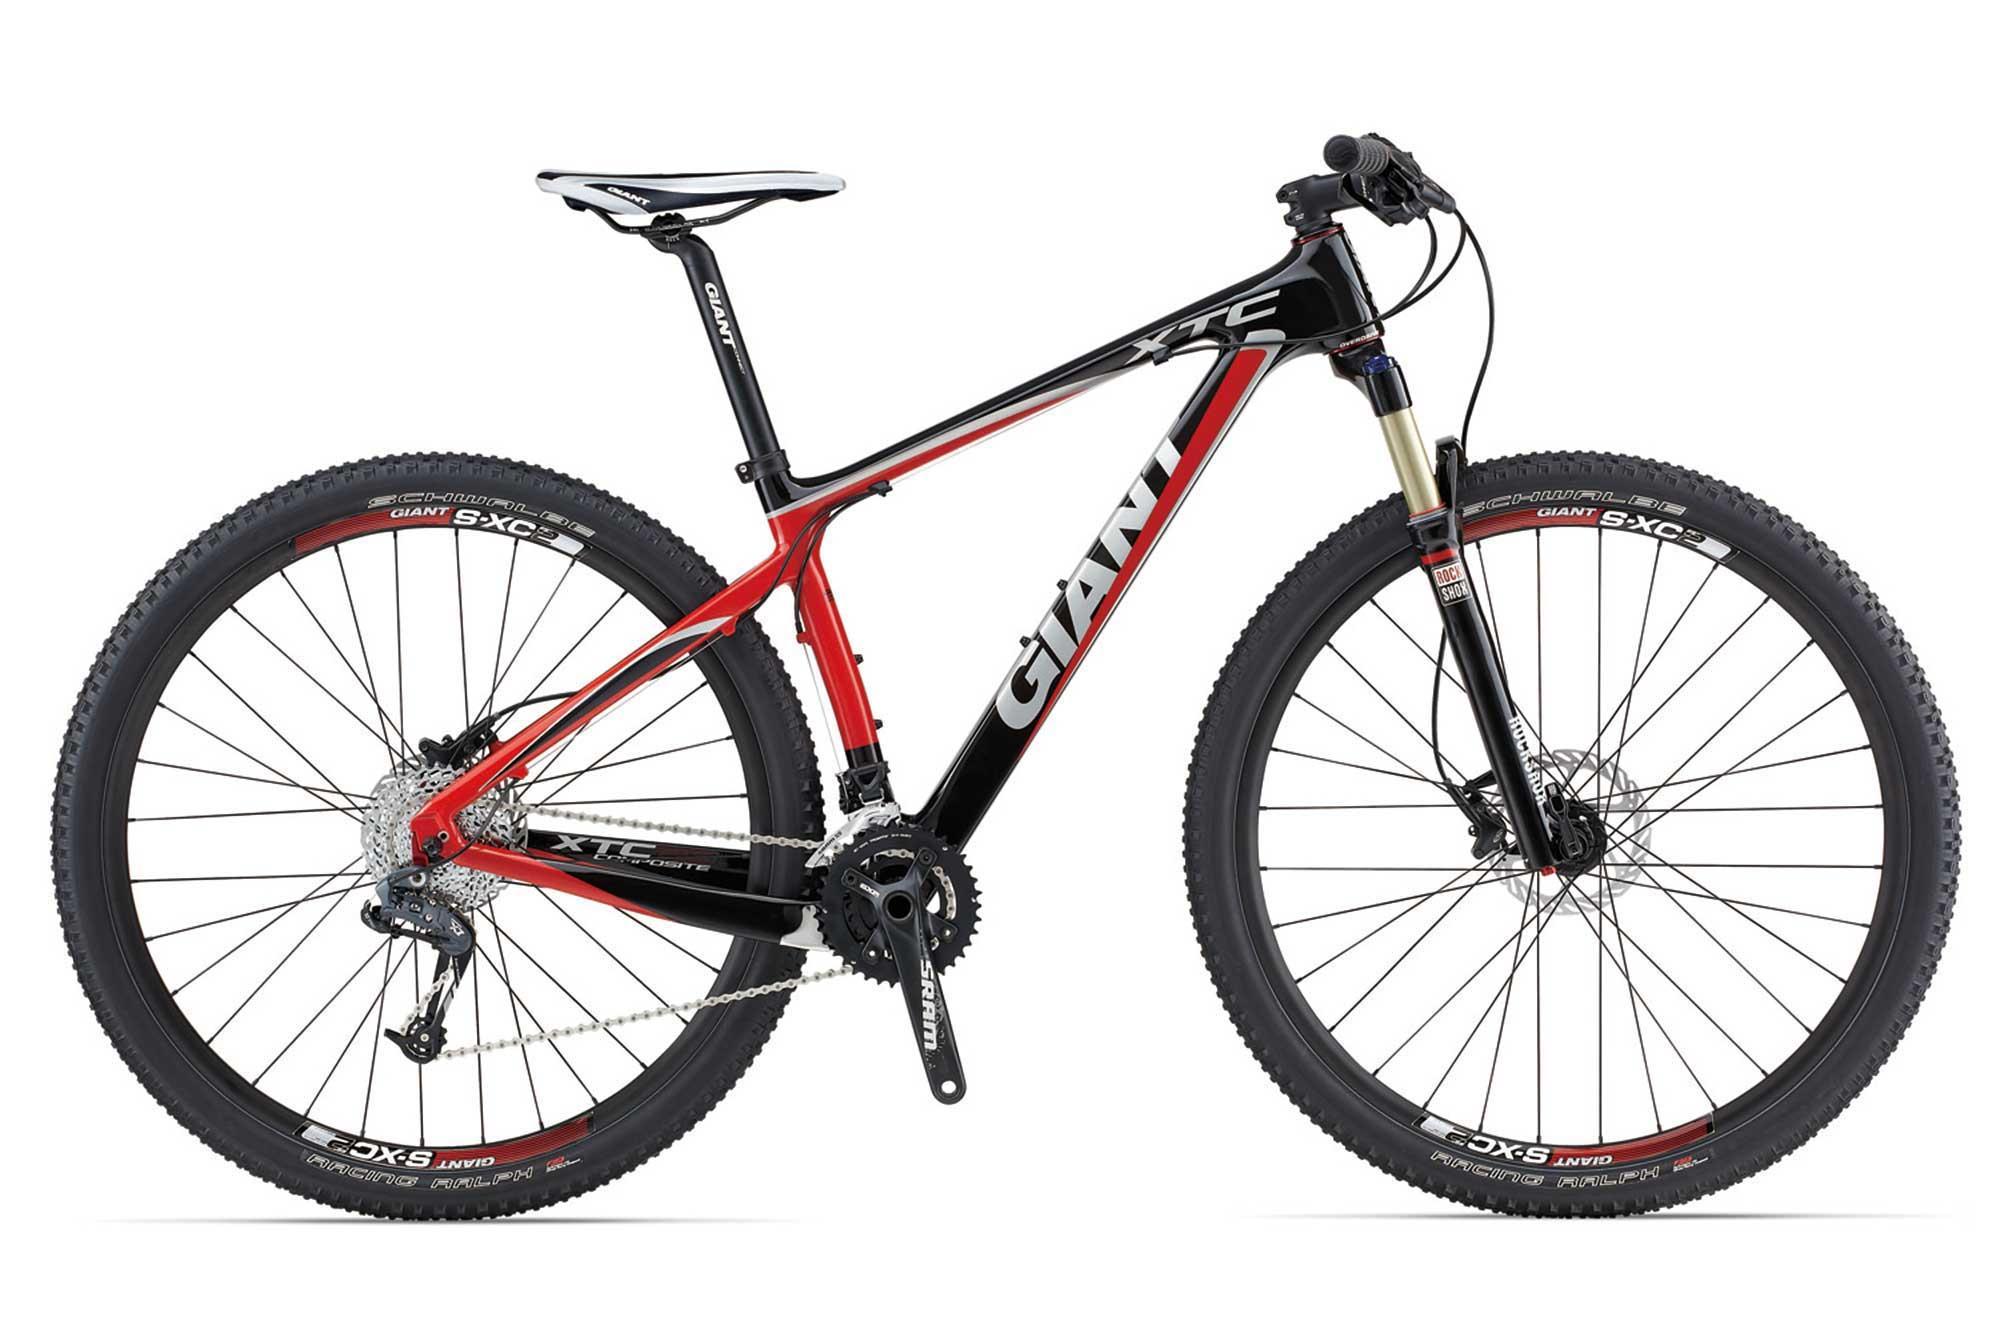 Giant XtC Composite 29er 3 Carbon Hardtail Mountain Bike ...